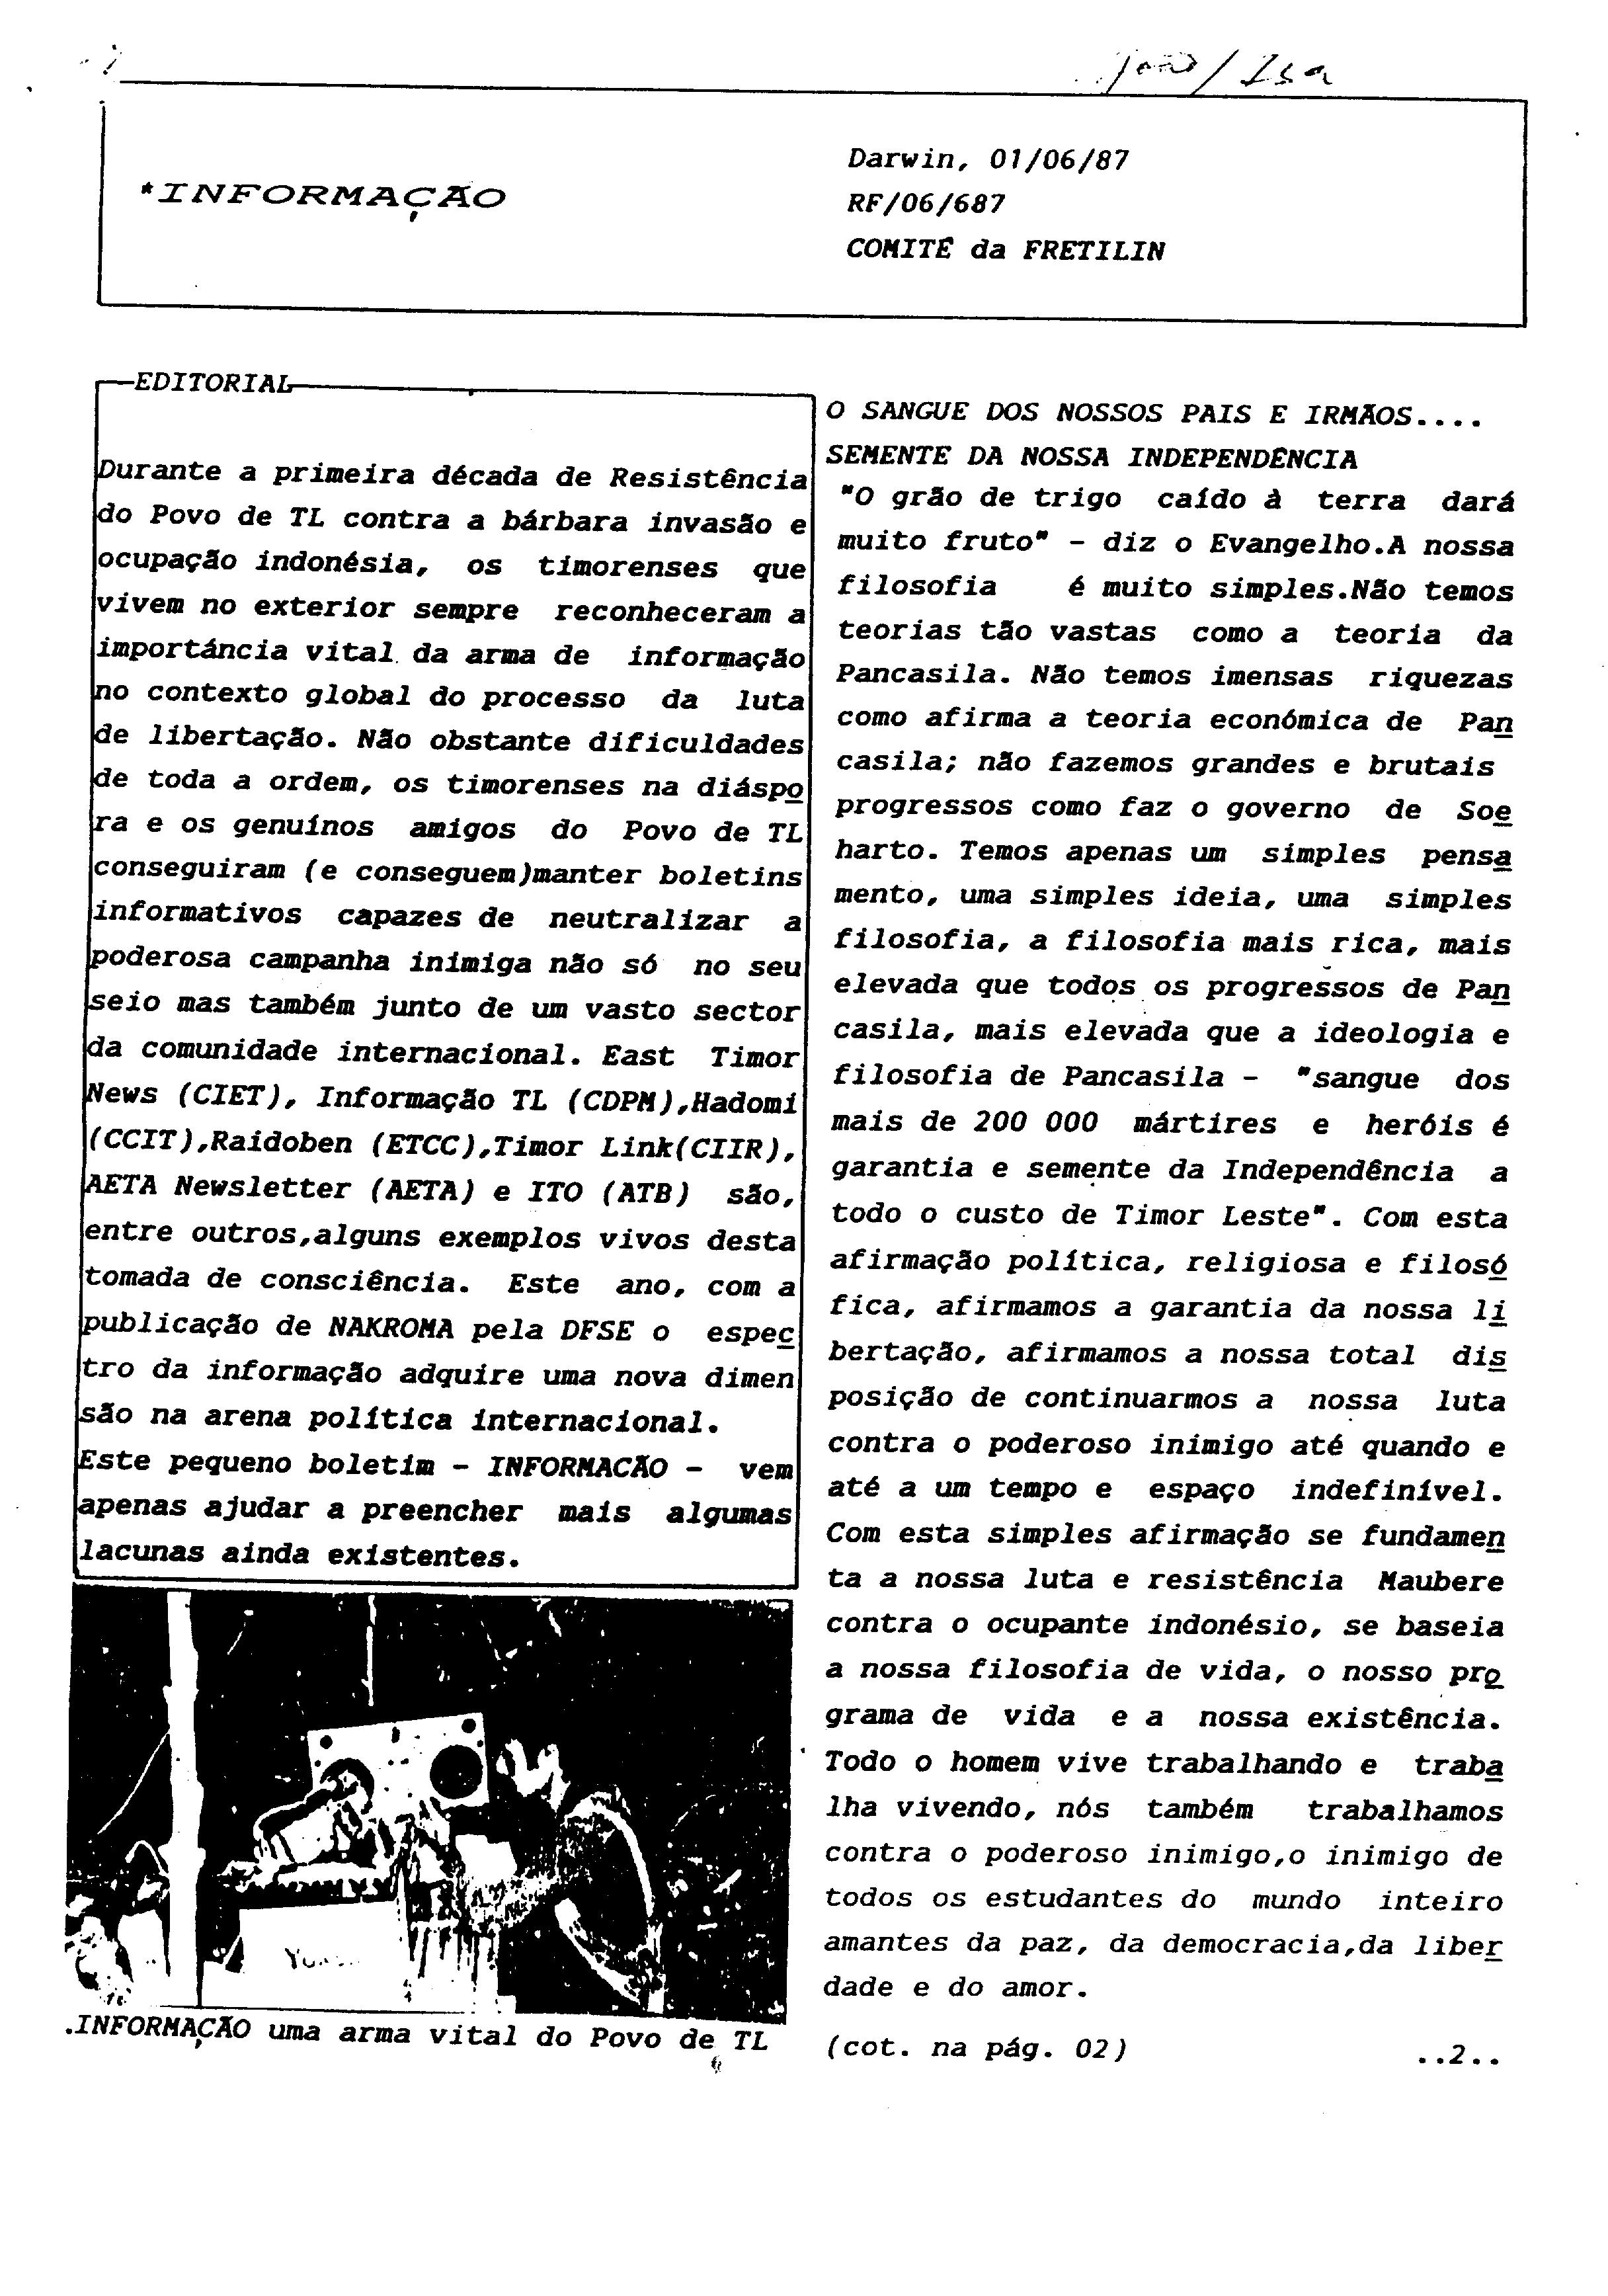 06453.012- pag.1